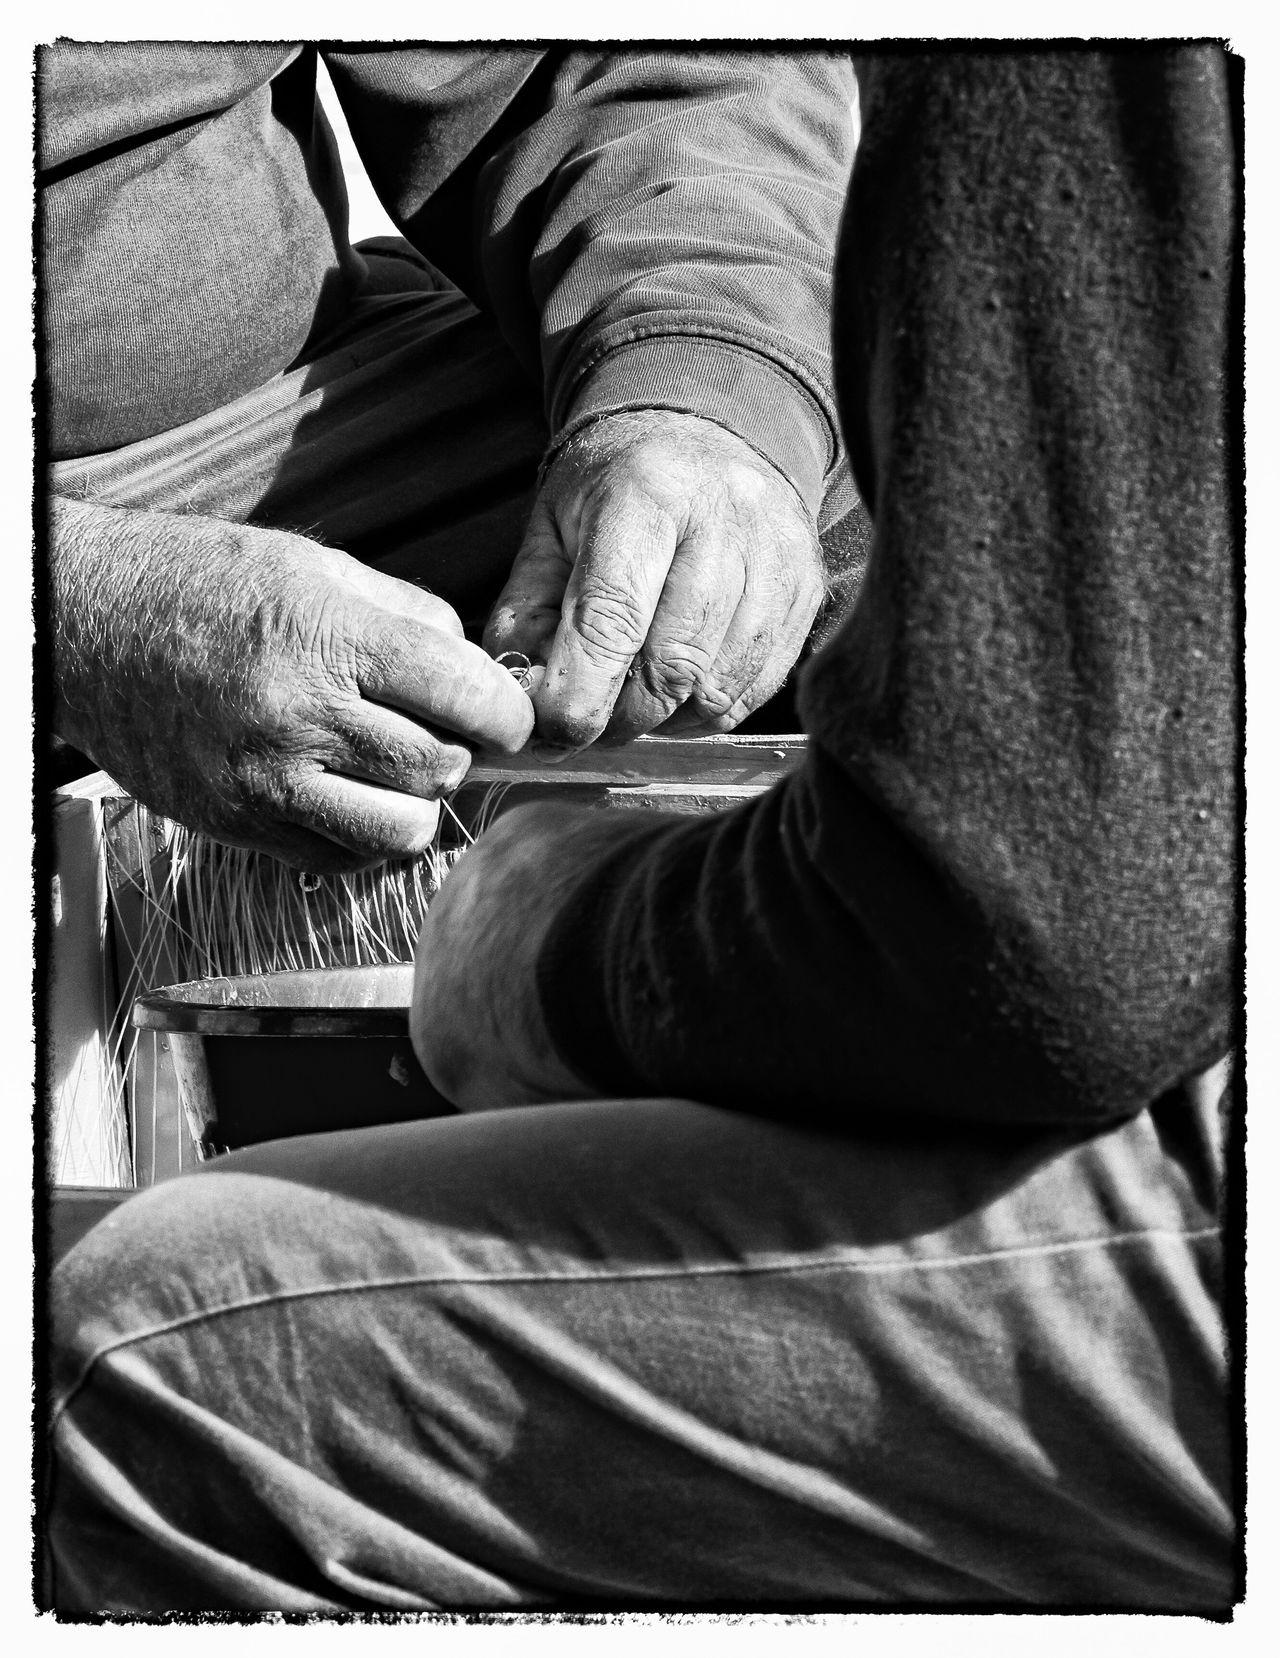 Black & White Blackandwhitephotography Blackandwhite Working Hands